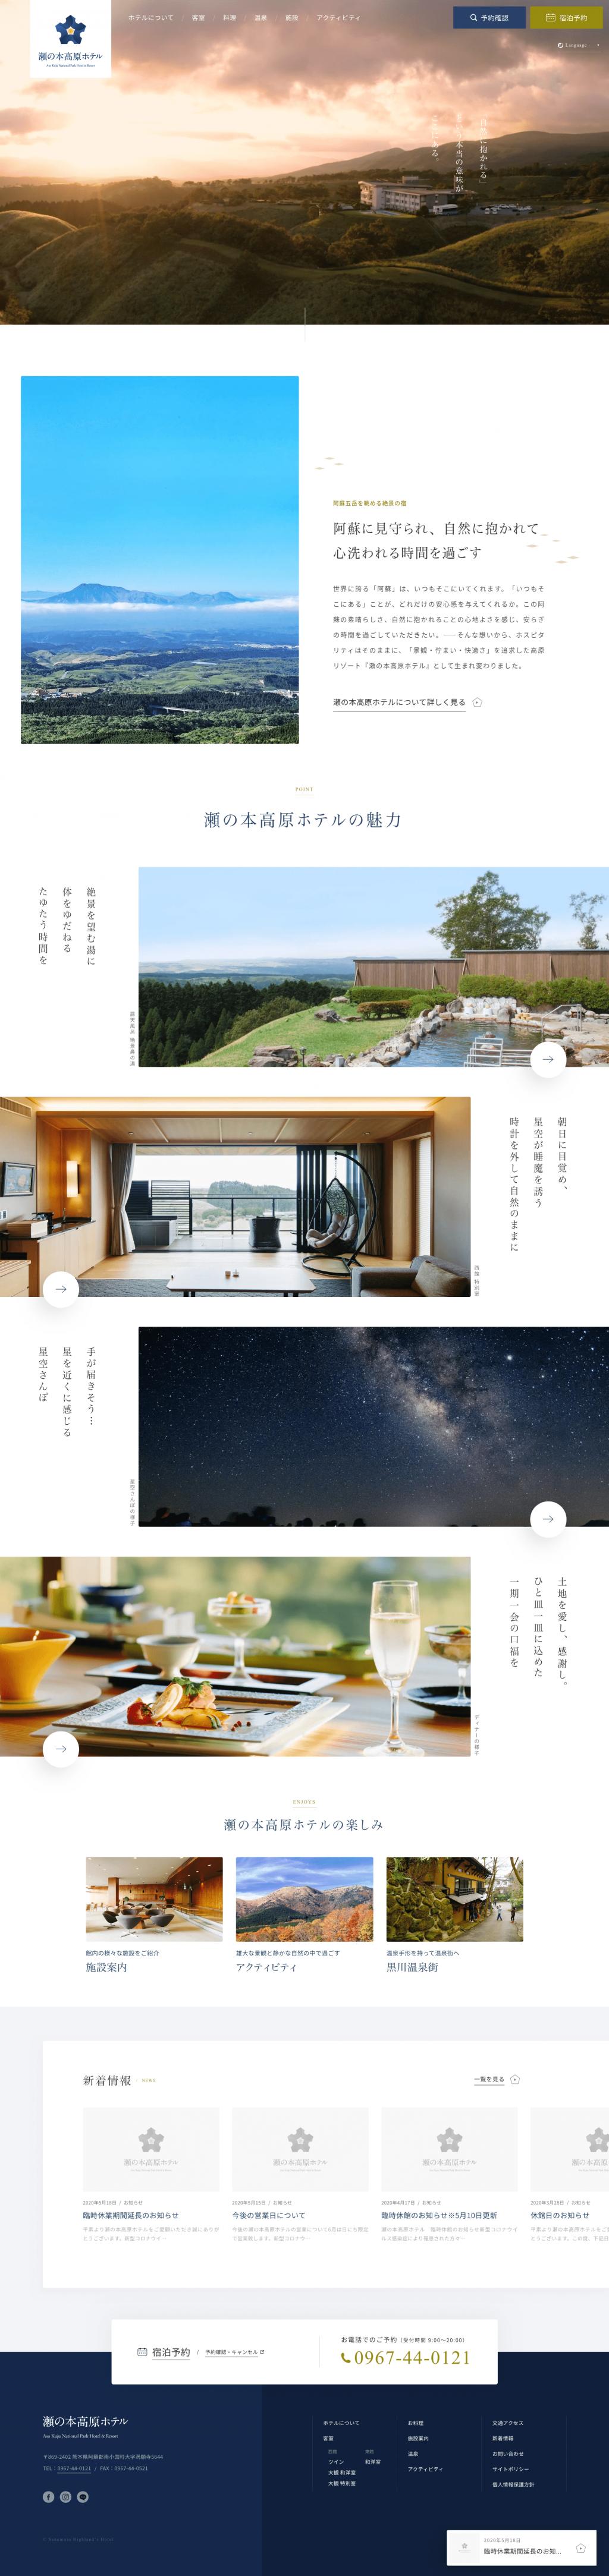 瀬の本高原ホテルサイトのパソコン表示